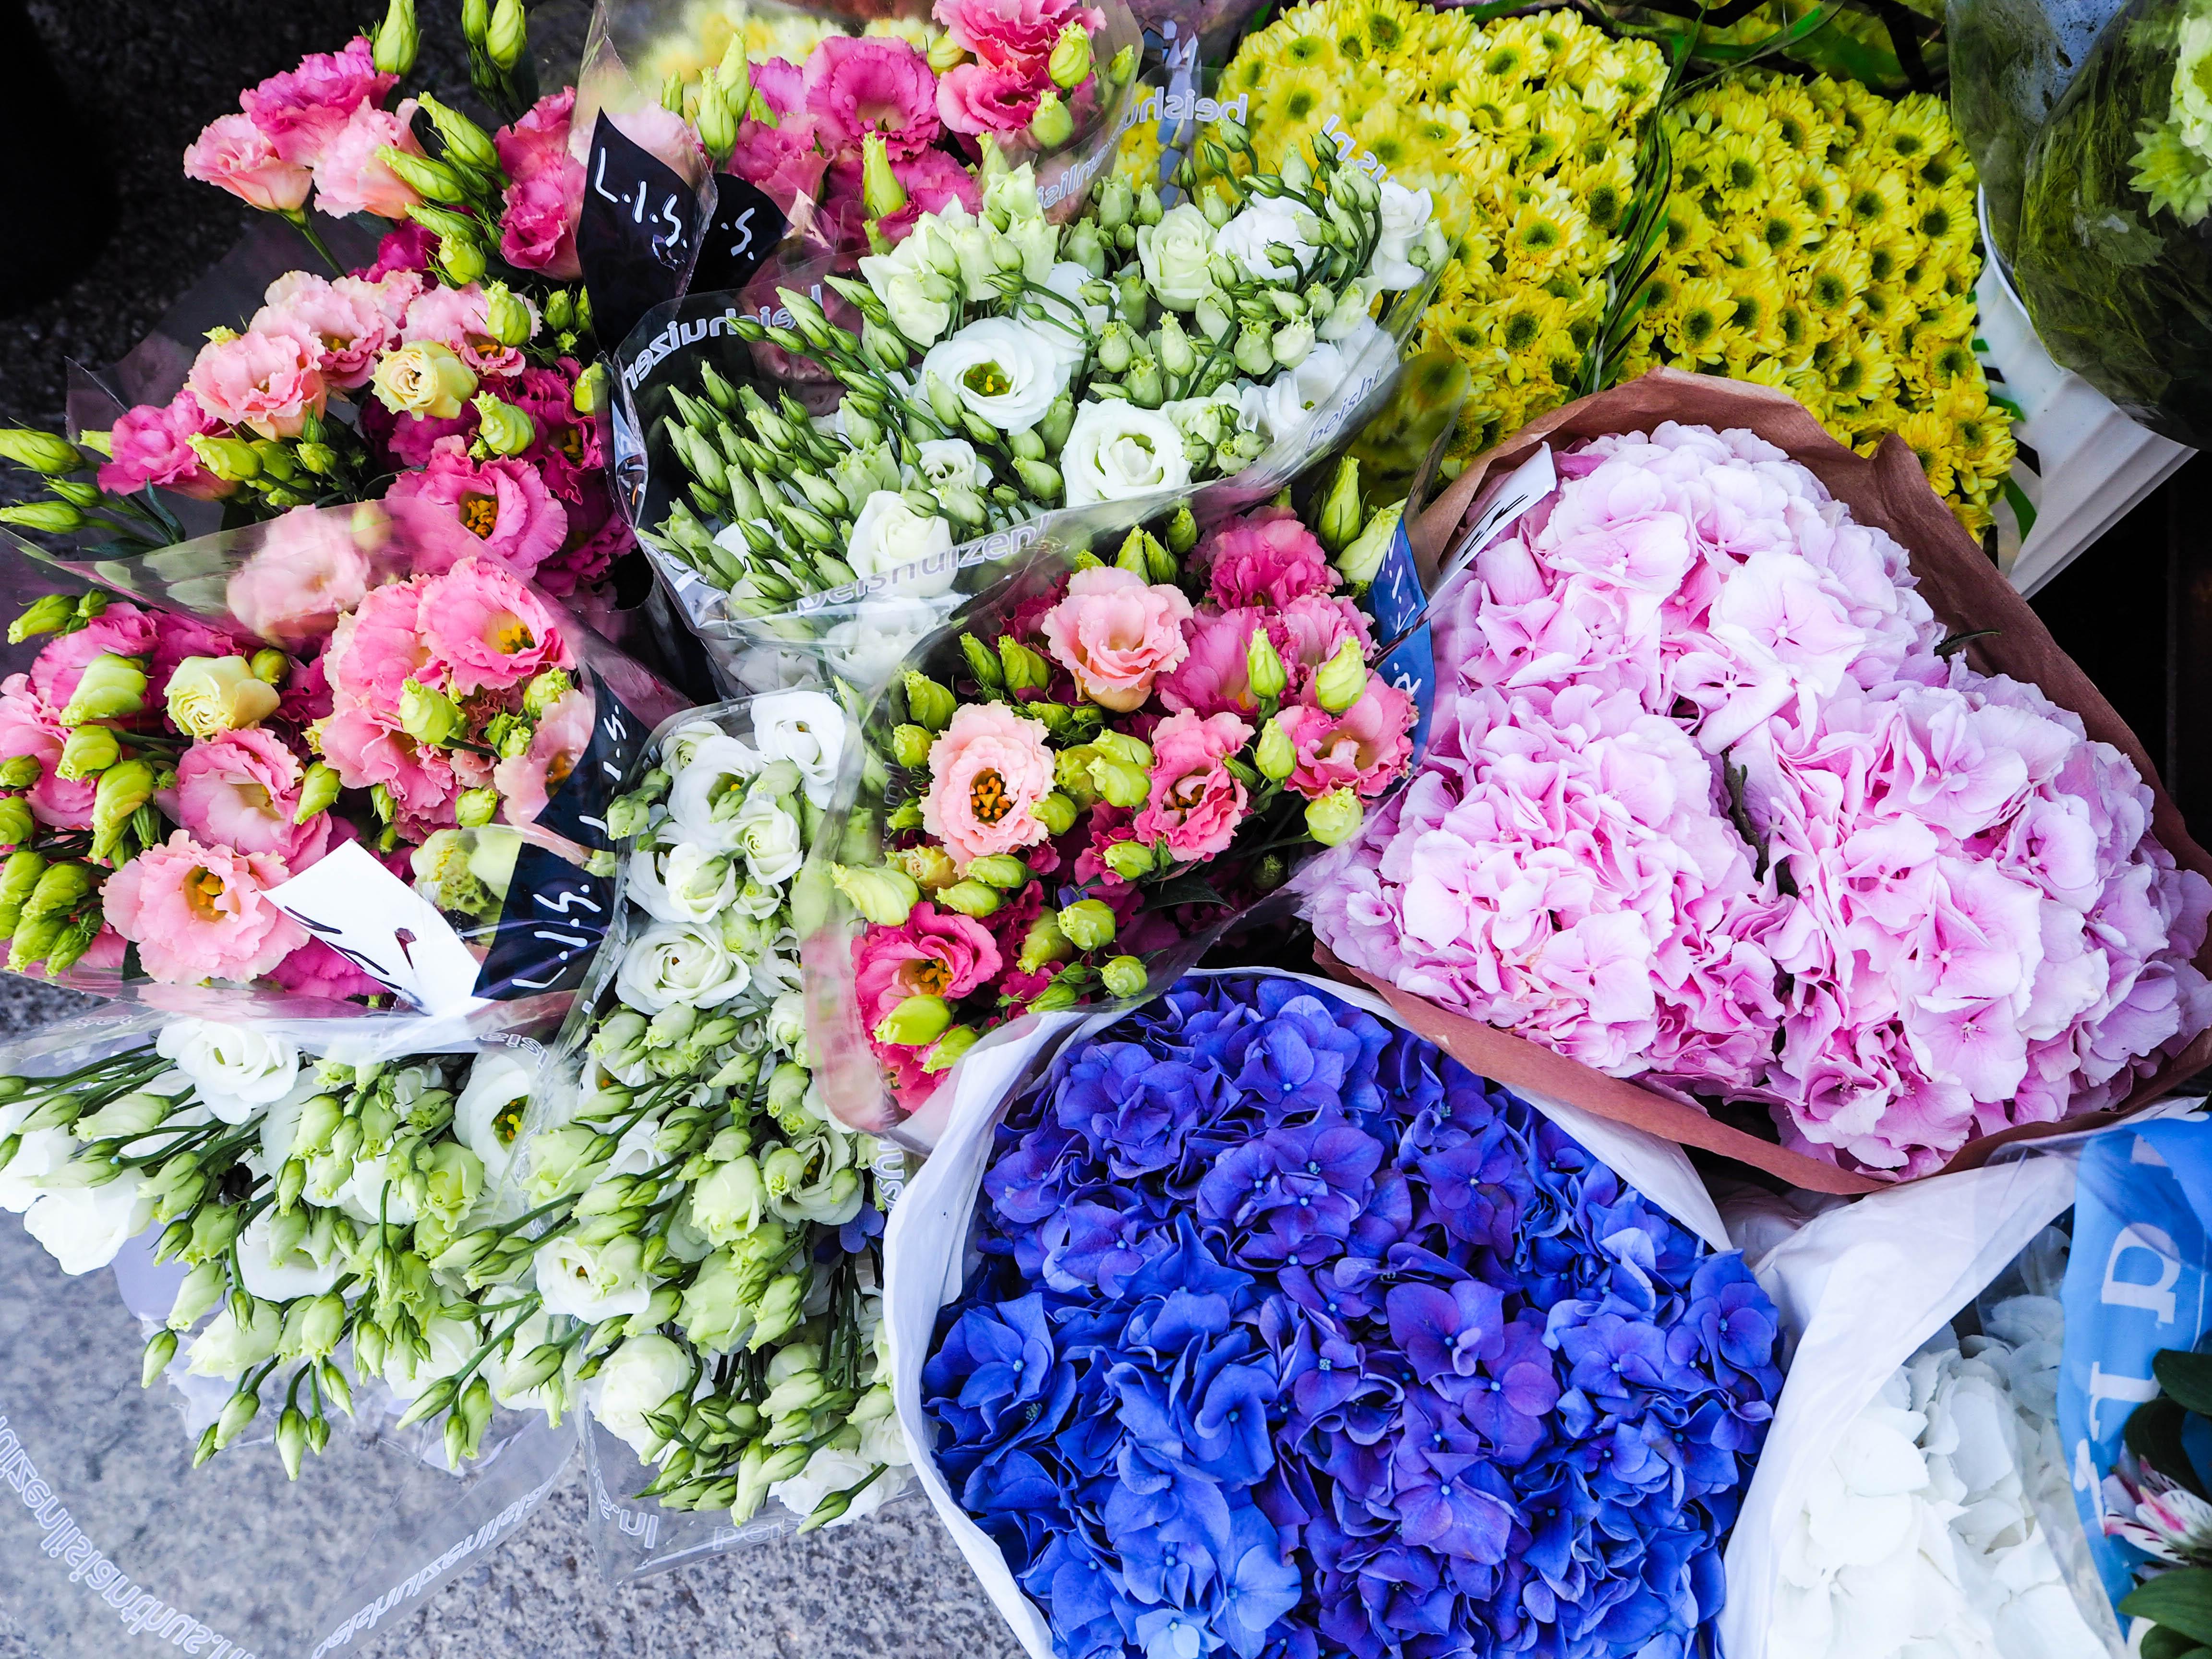 flowermarketTallinn16 (6 of 17)